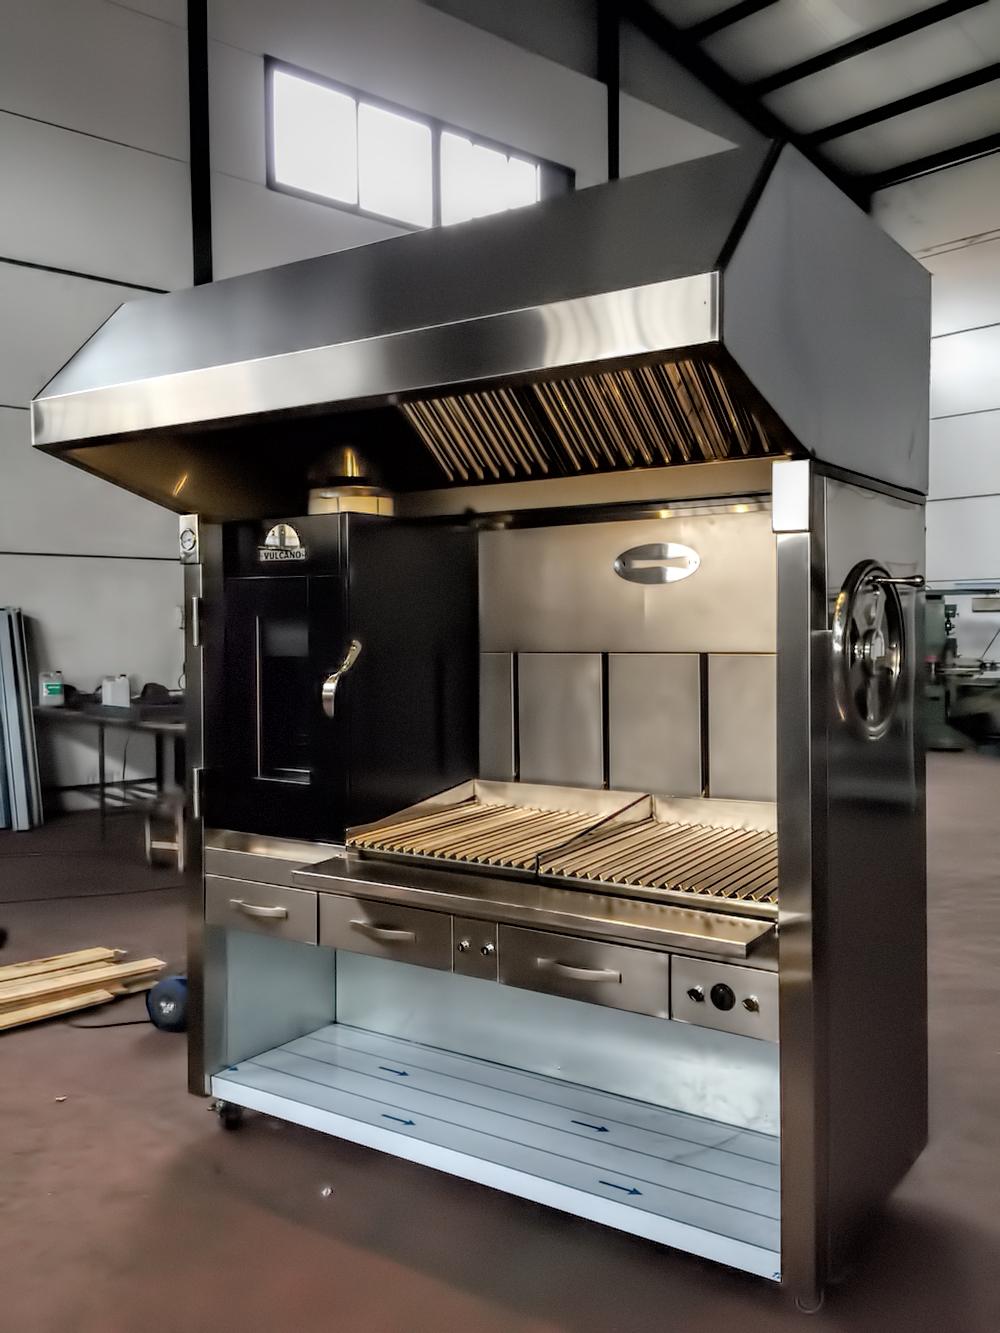 fotos-parrilla-barbacoa-proyectos-obras-aceroinnova-cocinas-hosteleria-restauracion-instalaciones-montaje-3